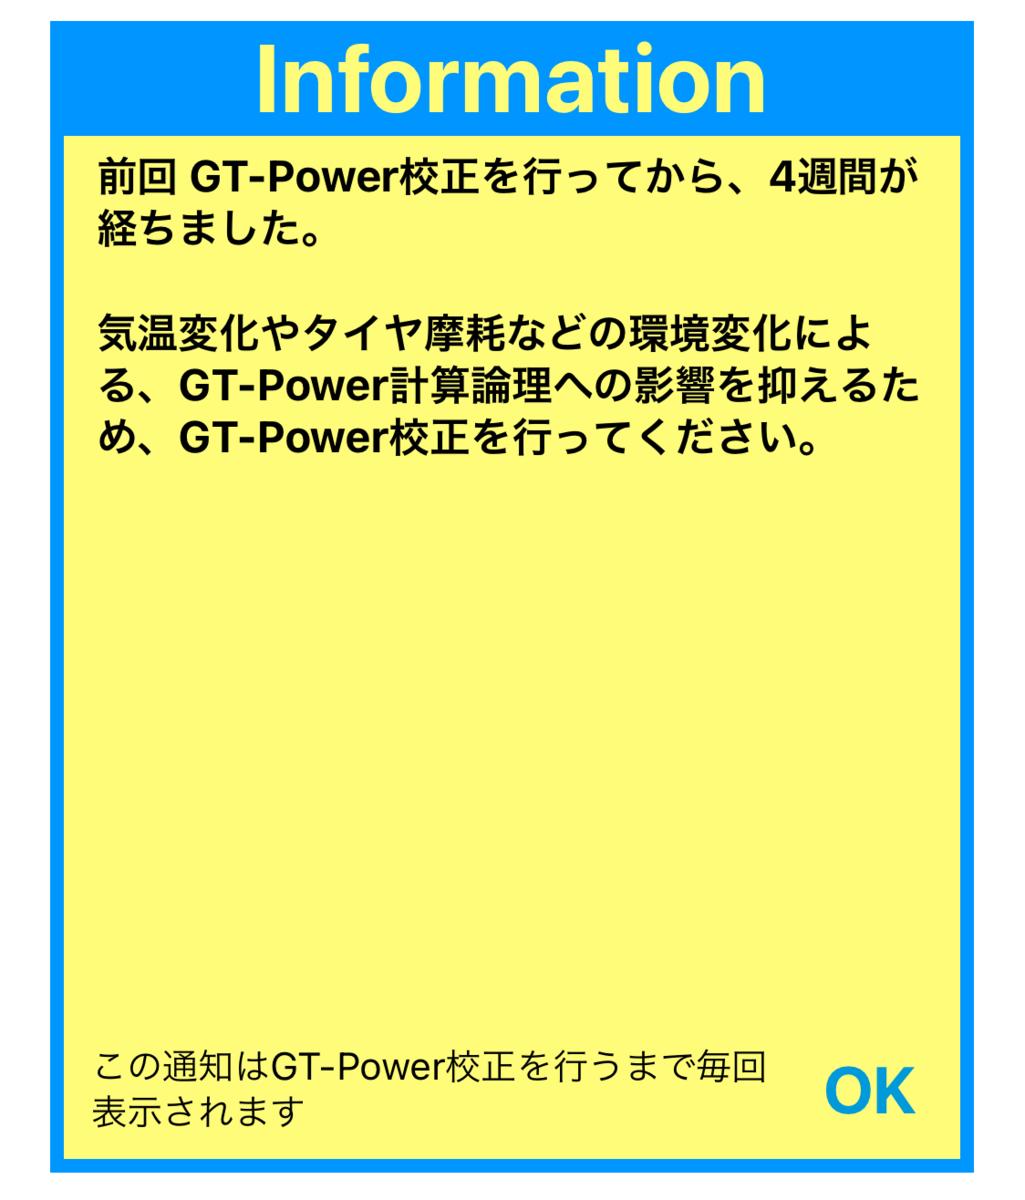 f:id:nigecx:20210430085140p:plain